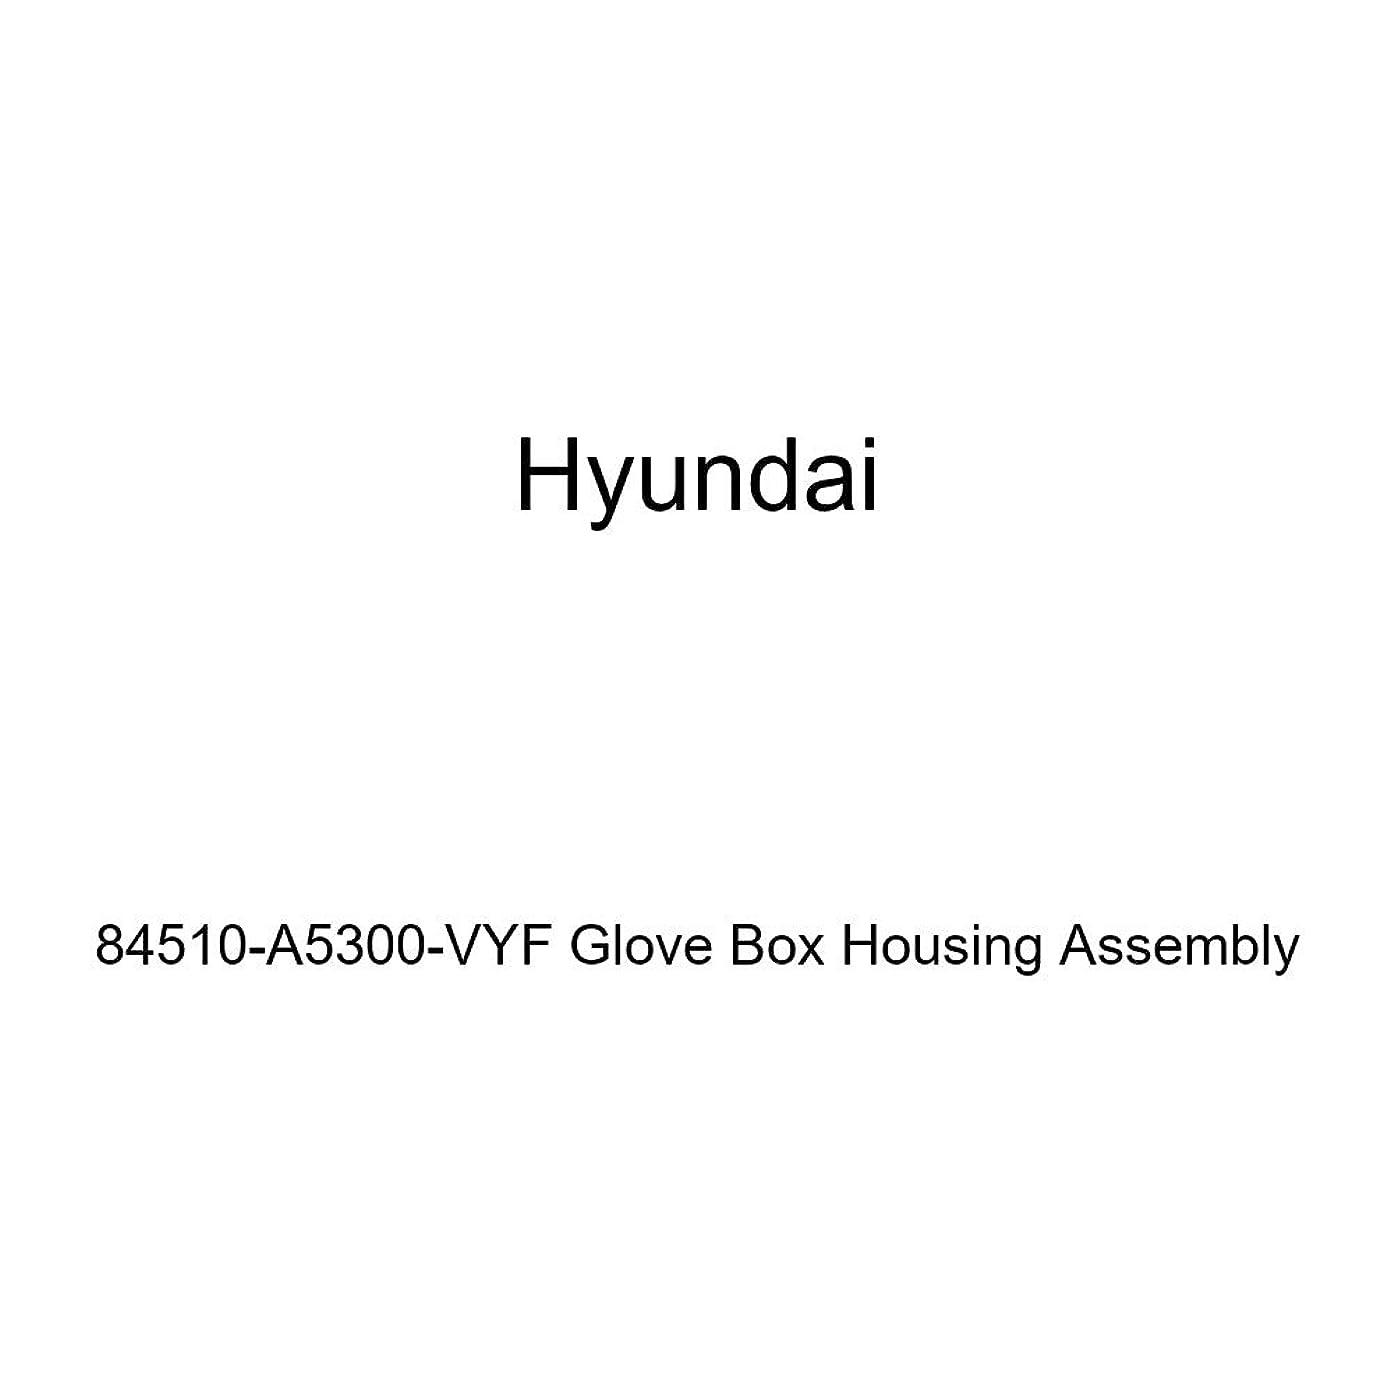 Genuine Hyundai 84510-A5300-VYF Glove Box Housing Assembly